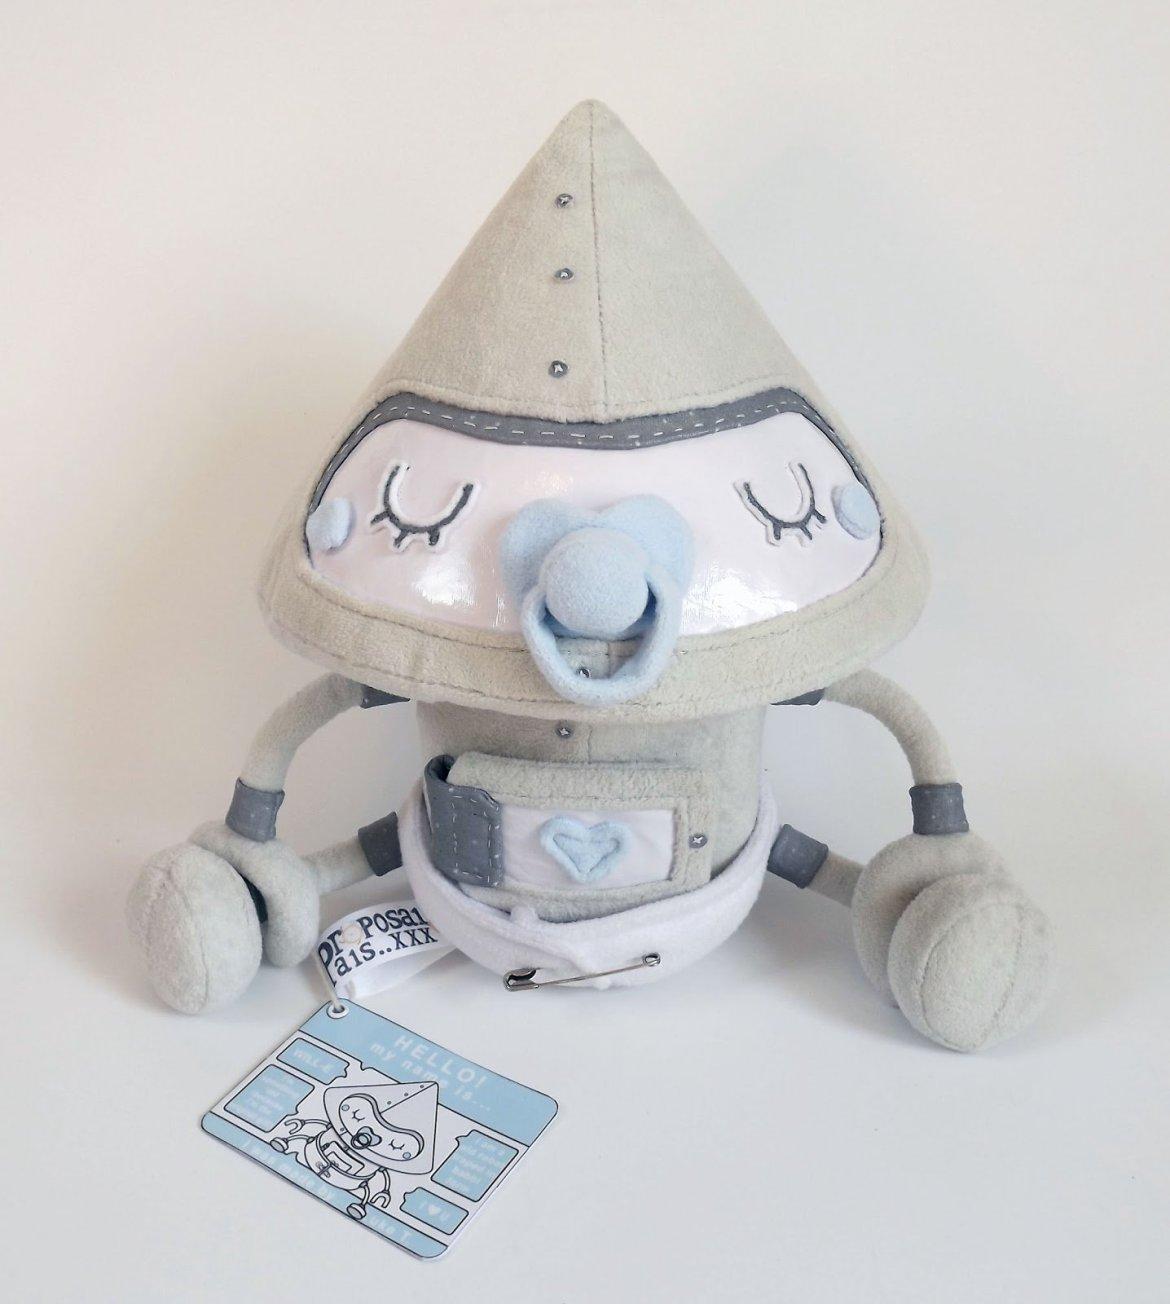 Robot+(4)